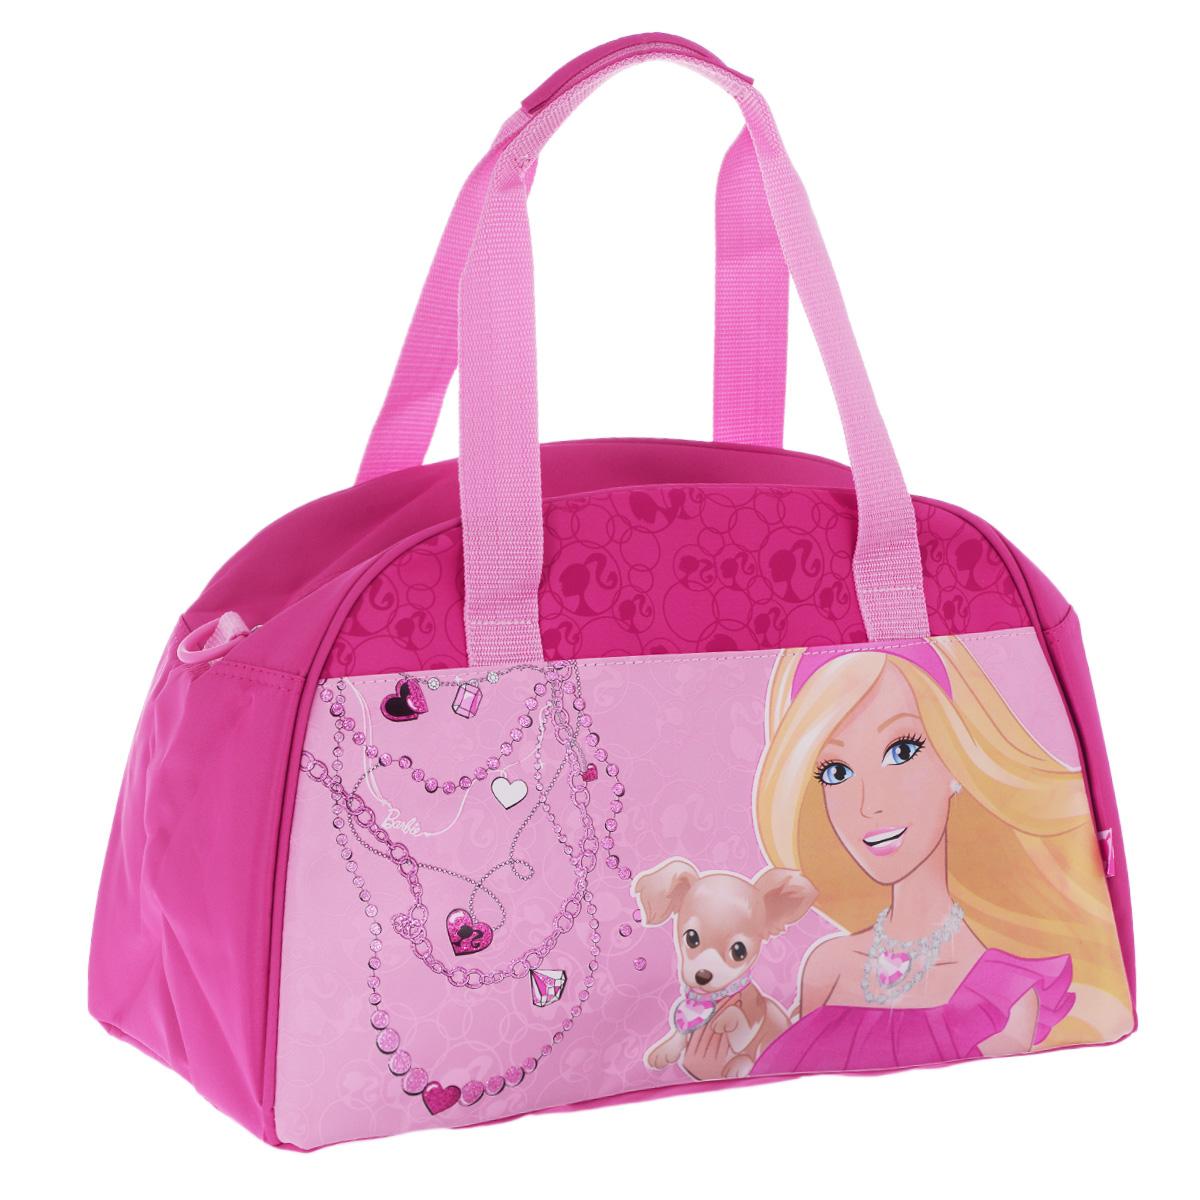 Barbie Сумка спортивная детская цвет розовыйBRDLR-12T-3452Детская спортивная сумка Barbie придется по вкусу любой активной девочке, посещающей спортзал или спортивные секции. Сумка изготовлена из высококачественного износостойкого полиэстера и оформлена оригинальным принтом и глянцевым изображением знаменитой красавицы Барби с очаровательным щенком. Сумка состоит из одного вместительного отделения, закрывается на застежку-молнию. Внутри располагается небольшой накладной карман на застежке-молнии. Язычок молнии выполнен в виде розовой туфельки. Сумка имеет удобные ручки для переноски, а также съемный плечевой ремень, регулирующийся по длине. Сумка очень просторная, в ней без труда поместится спортивная форма или сменная одежда. Спортивная сумка - незаменимый аксессуар для юной спортсменки, который сочетает в себе практичность и модный дизайн. Красочная сумка сделает посещение спортивных секций не только приятным, но и модным занятием. Порадуйте свою малышку таким замечательным подарком!